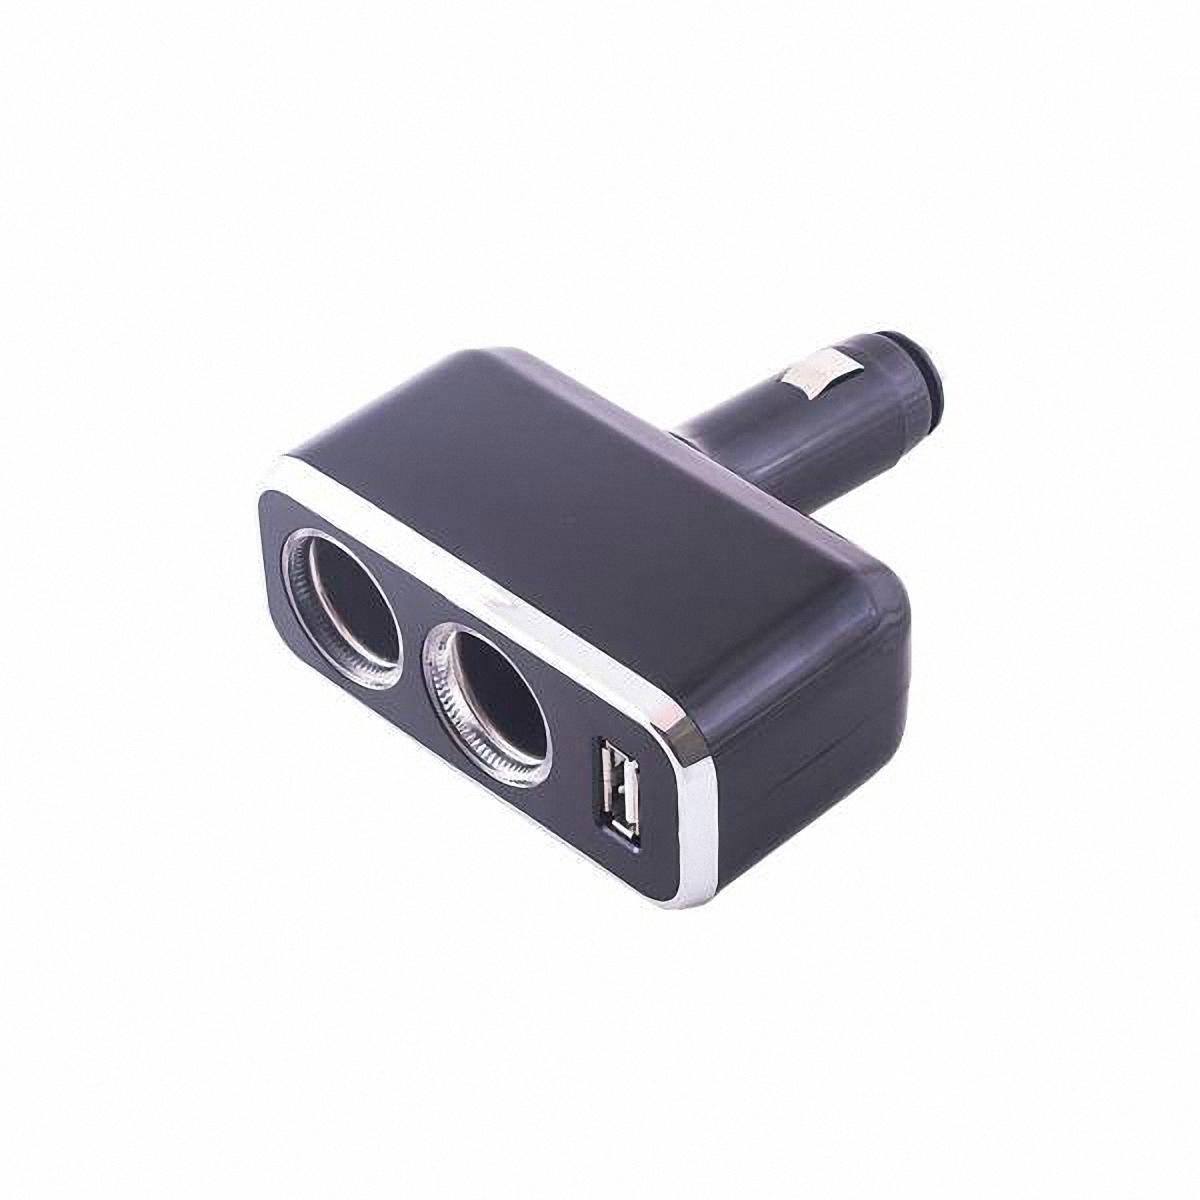 Skyway Разветвитель прикуривателя 2 гнезда + USB. S02301021S02301021Количество гнёзд: 2 Количество USB-портов: 1 Устройство вращается на 180°, вверх и вниз. Устройство используется при мощности 7А. Общая мощность 80 Ватт Предохранитель 5 А. Потребляемая мощность 12 - 24 В